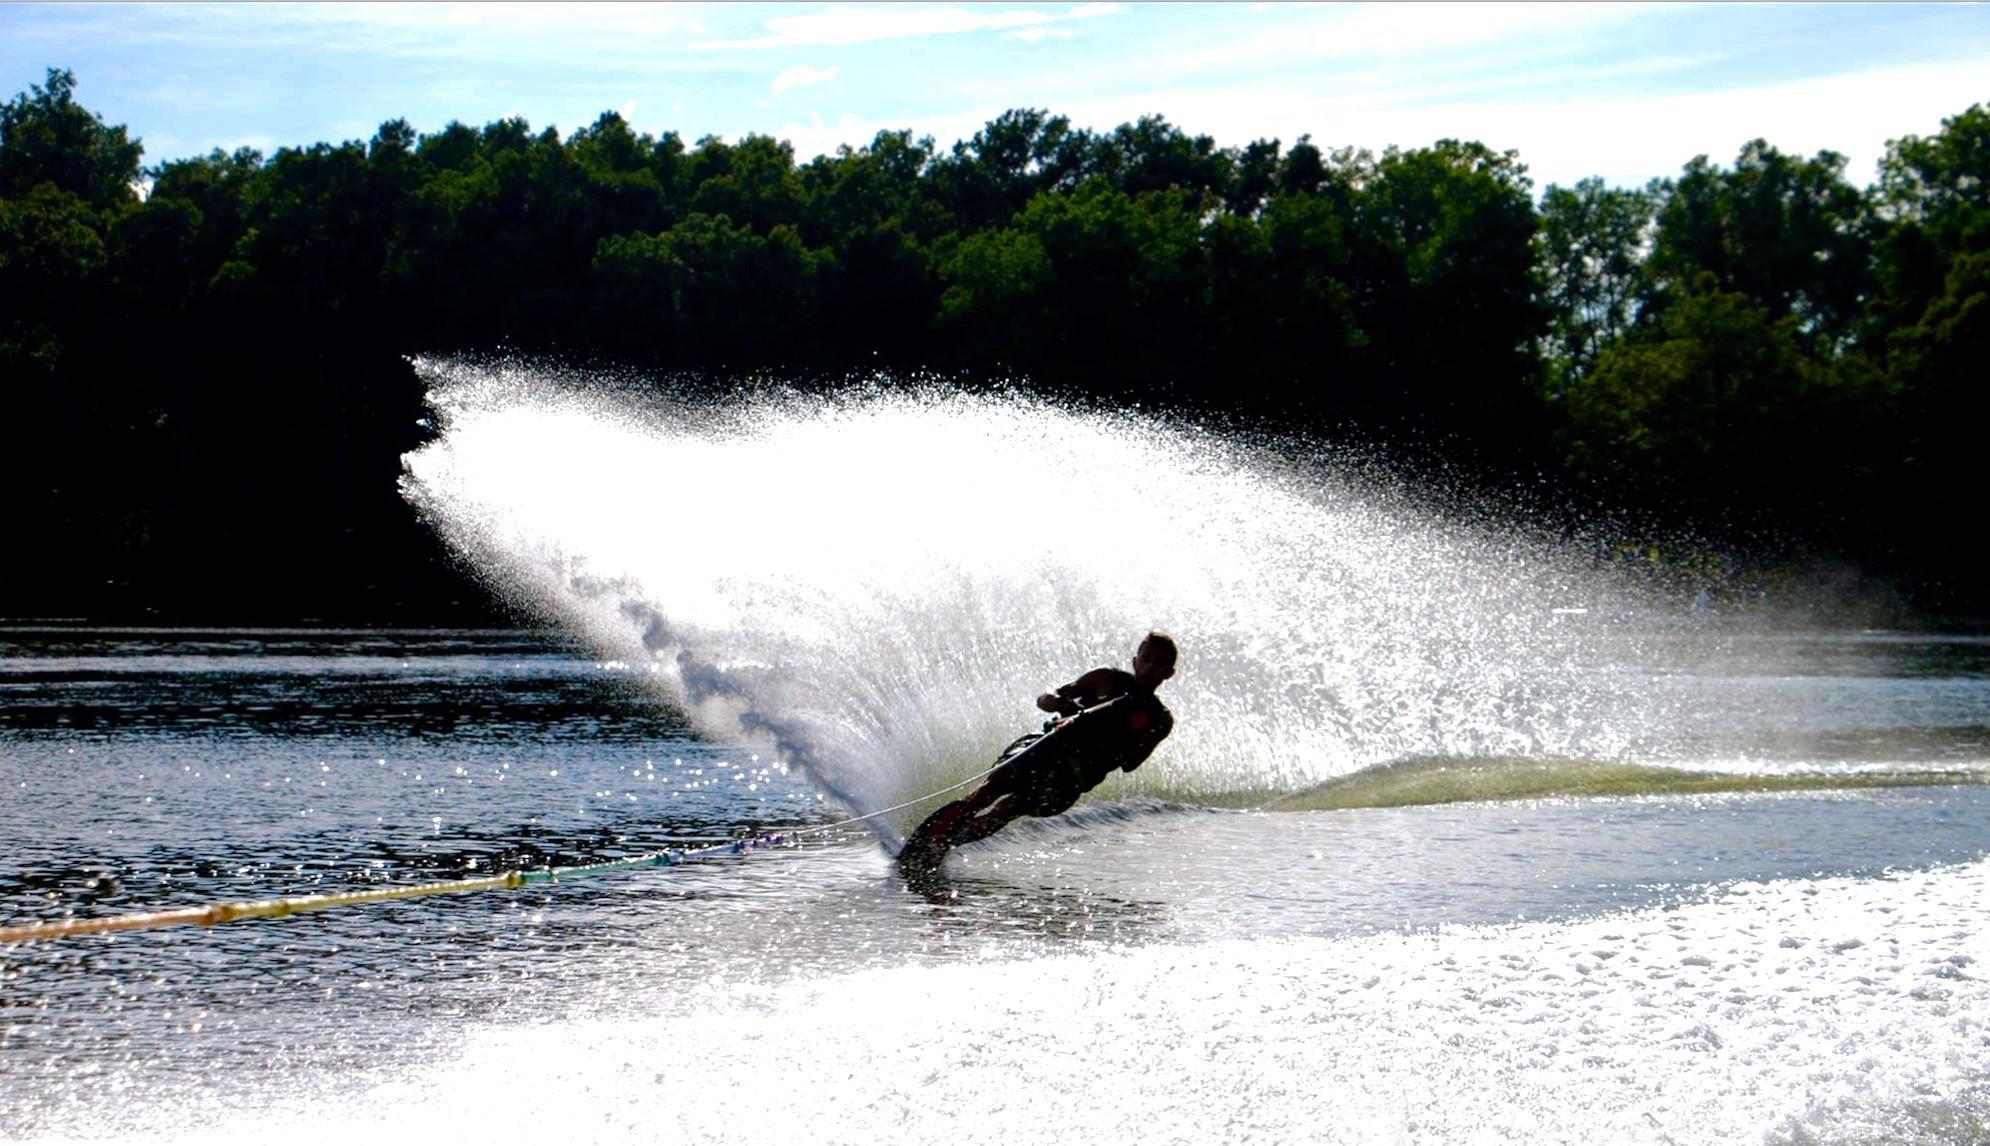 Wakesurf/Wakeboard/Water Ski: 3-4 people